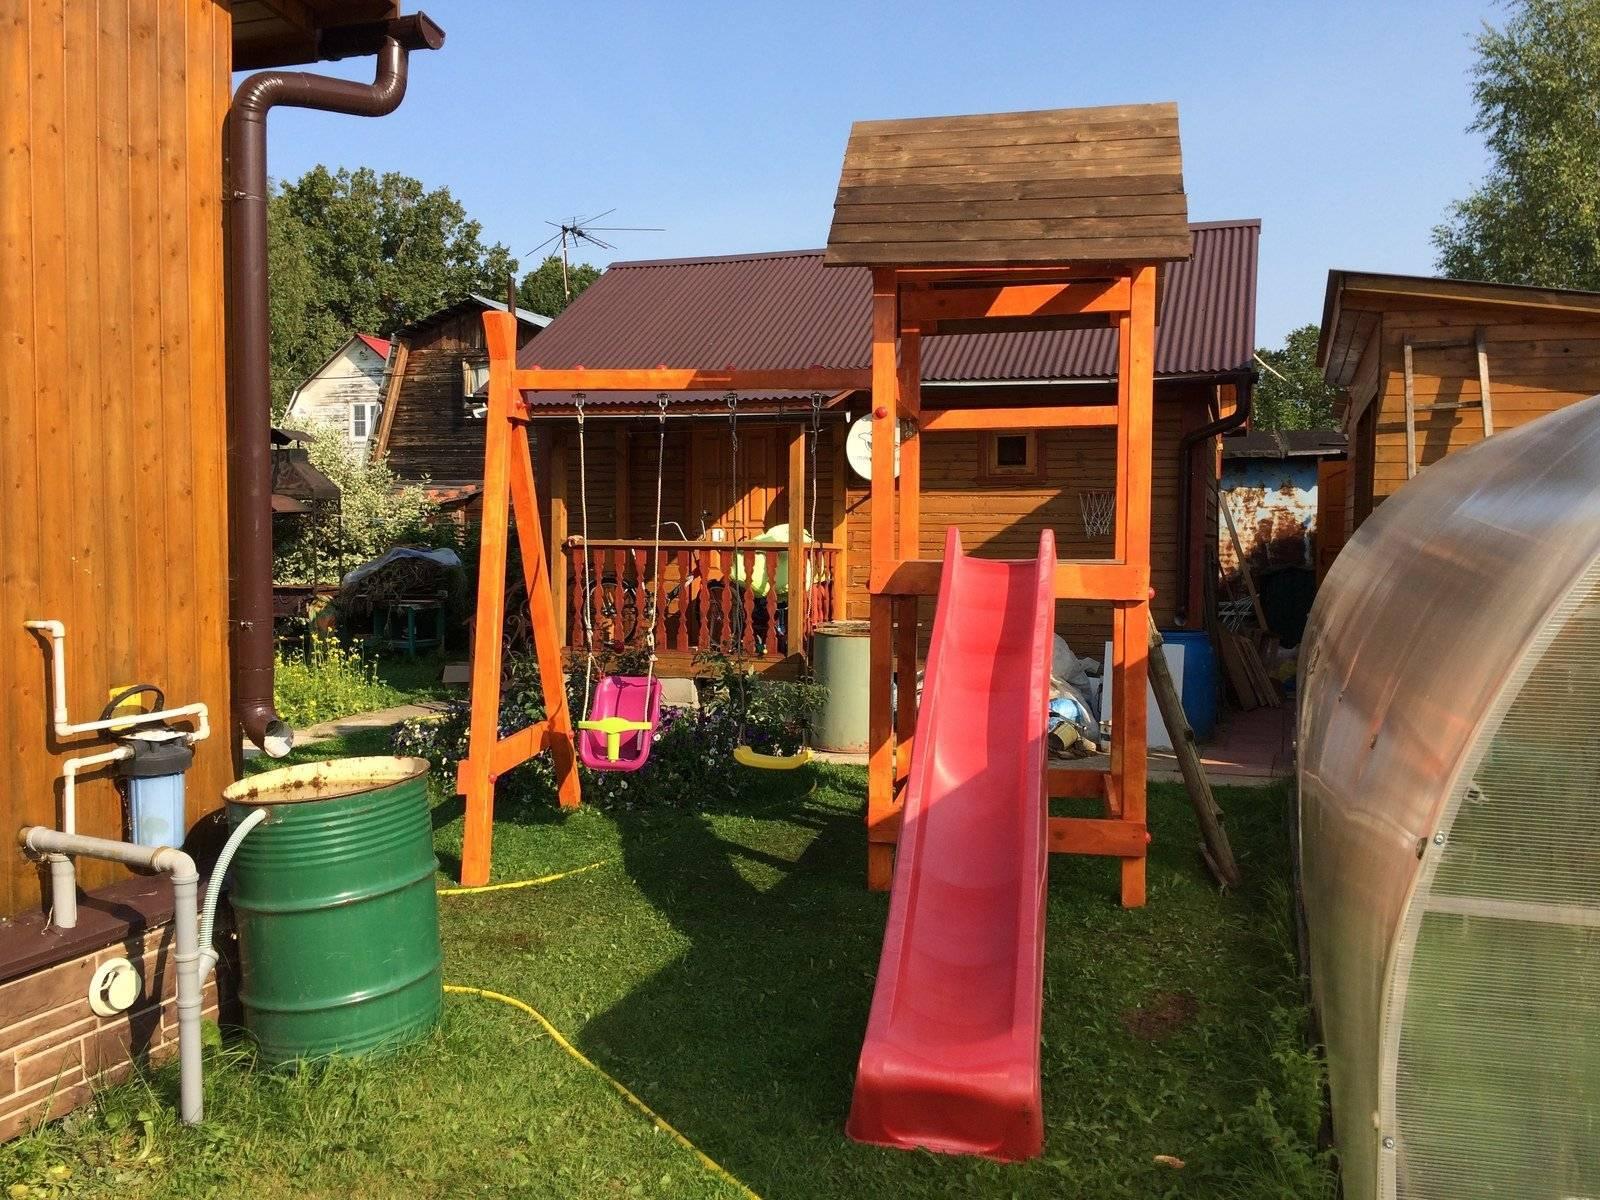 Детская площадка на даче своими руками: игровая, спортивная | (100 оригинальных фото идей & видео)